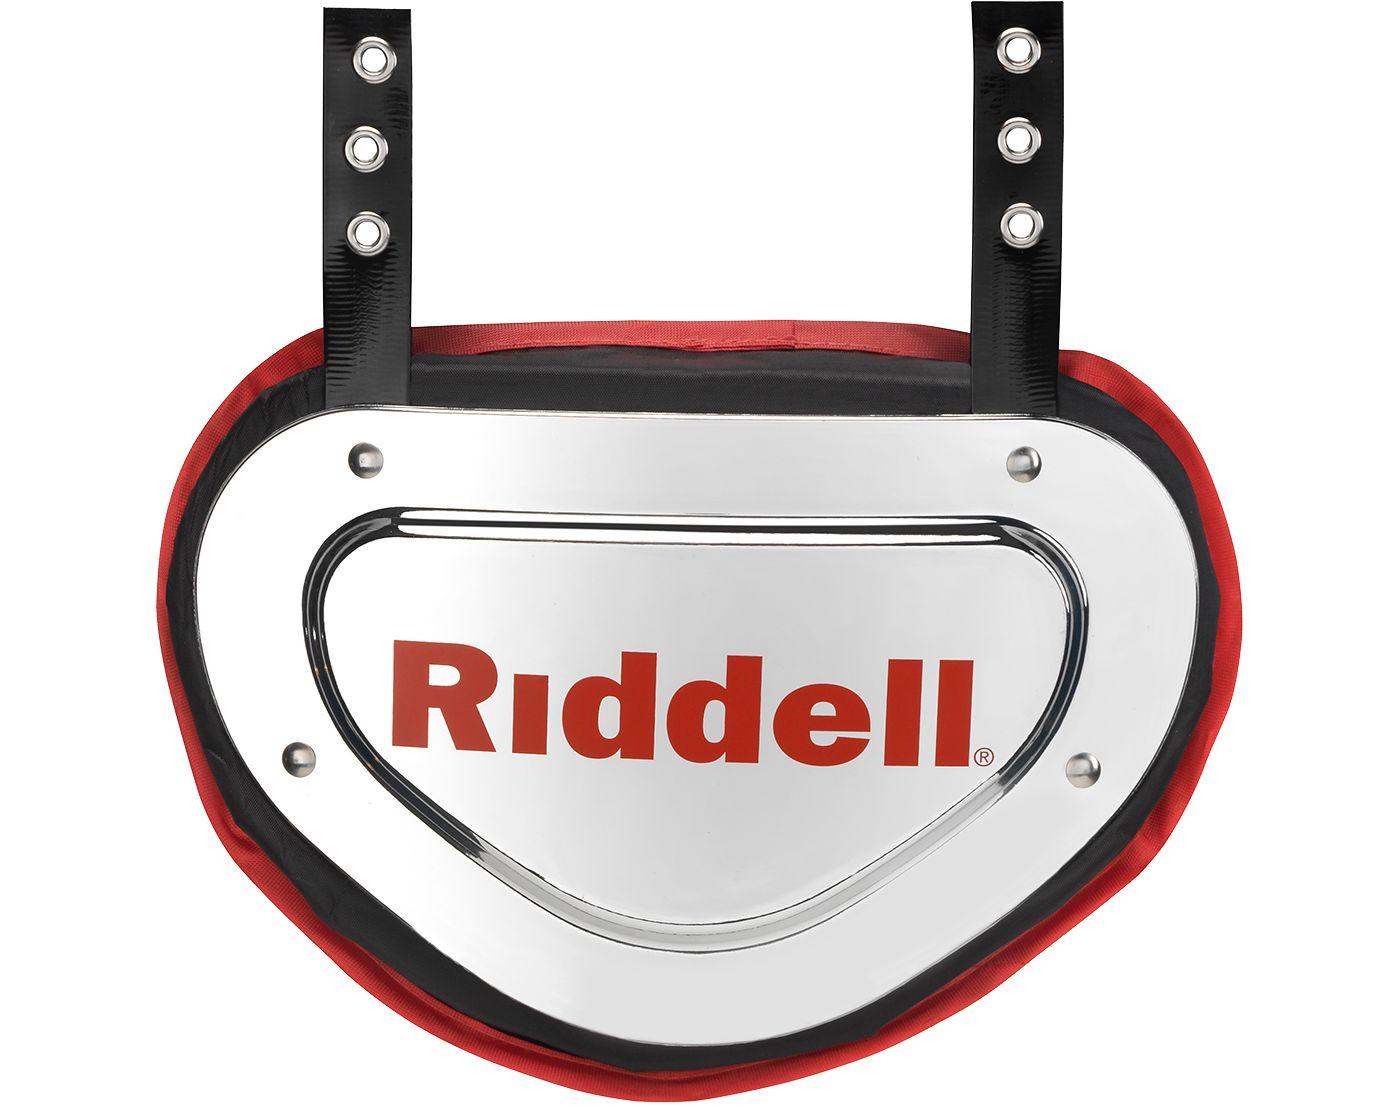 Riddell Adult Chrome Football Back Plate